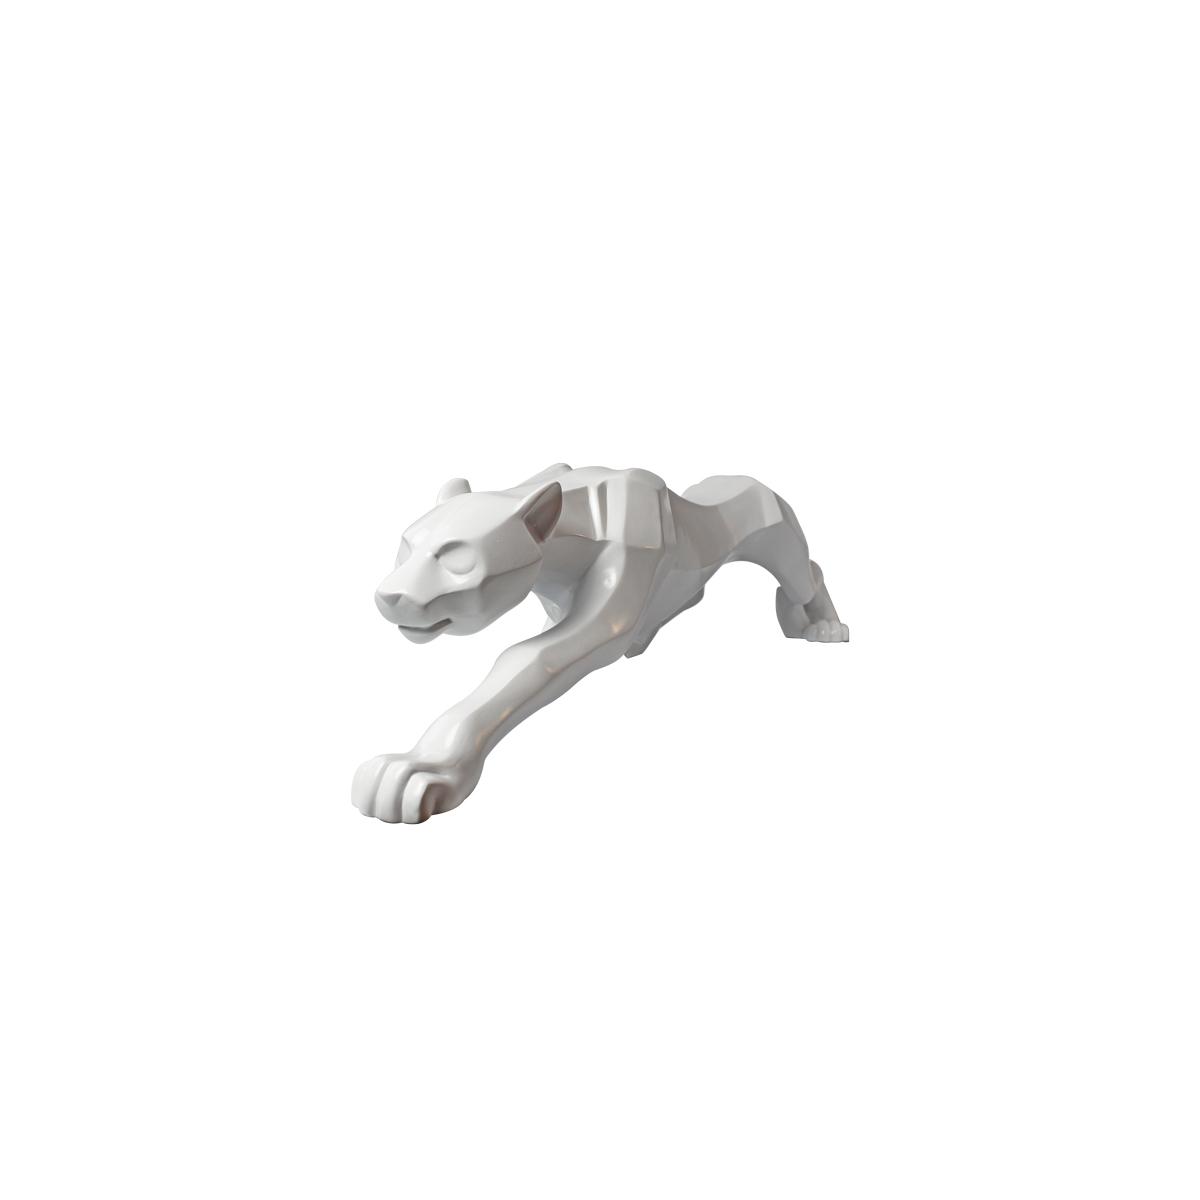 Enfeite Leopardo Decorativo Branco Em Cerâmica 37cm